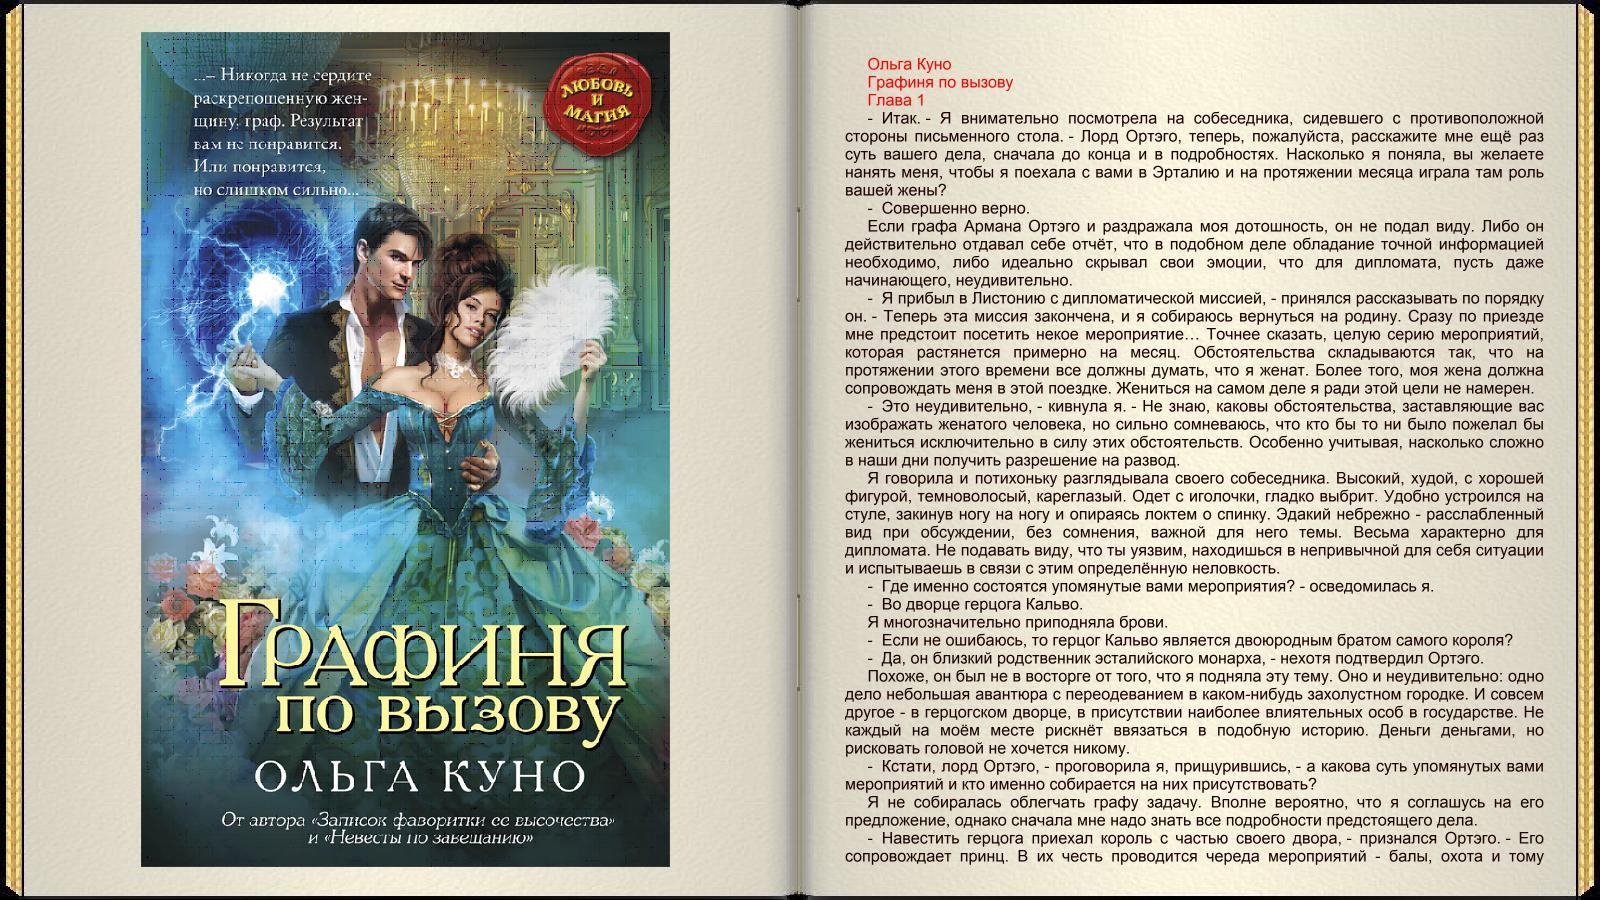 Серия книг - Любовь и магия [13 книг] | FB2, RTF